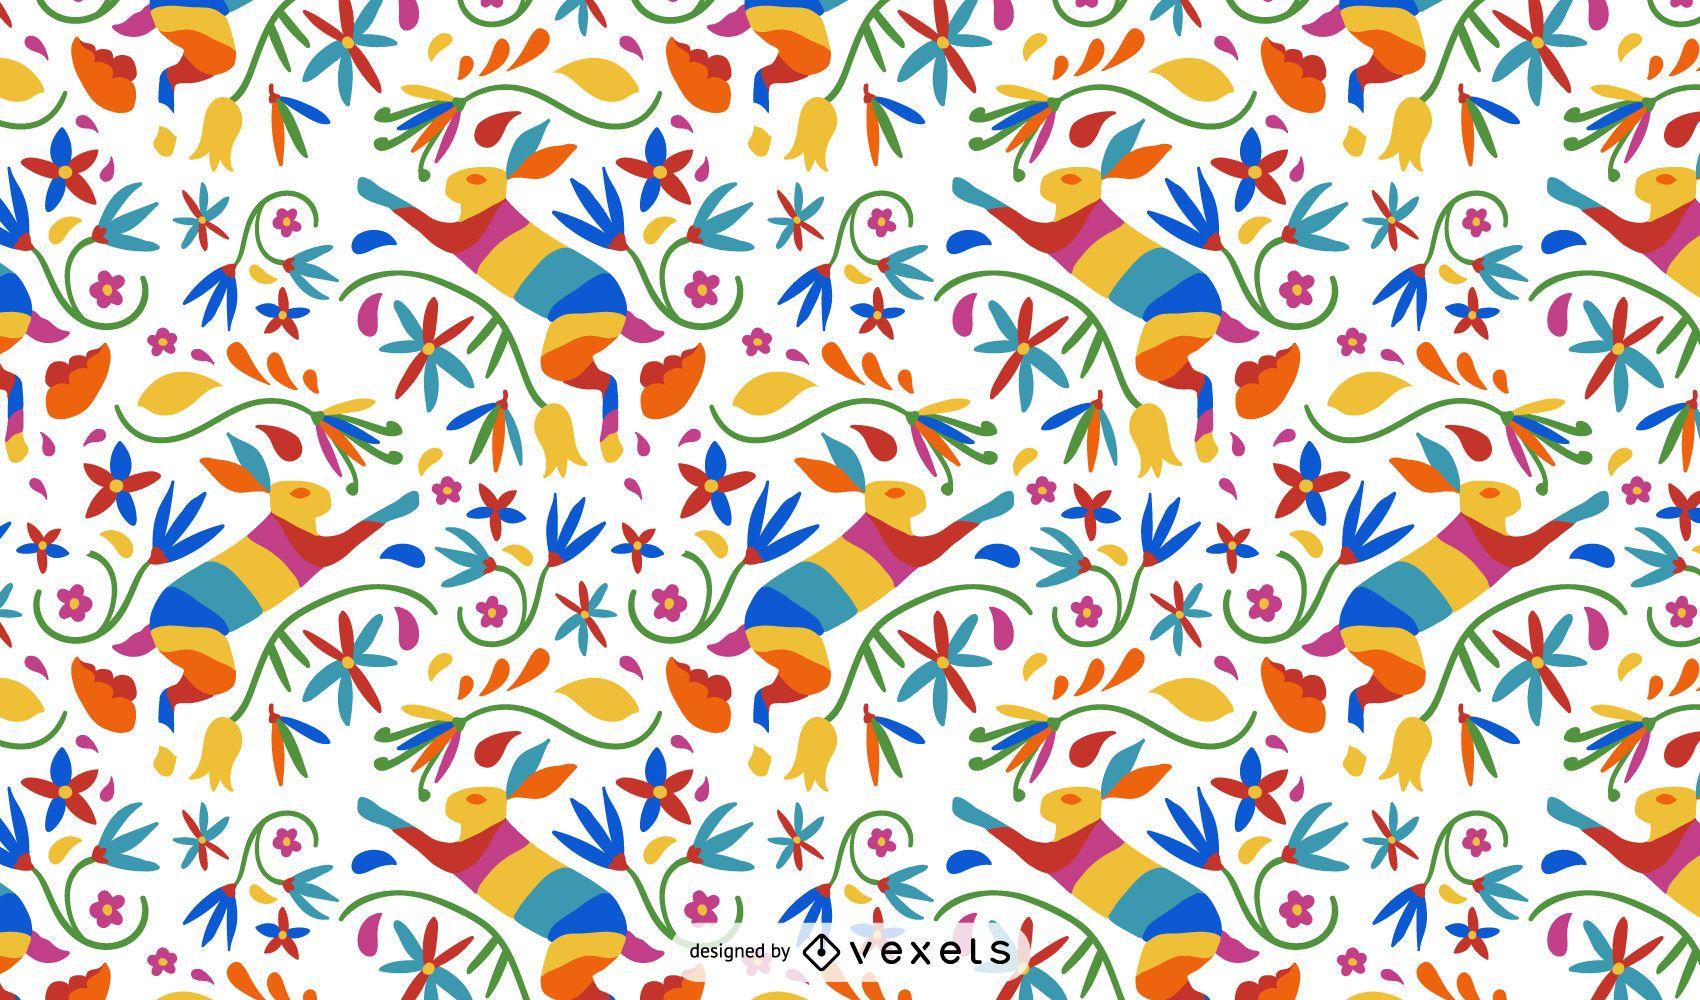 Diseño de patrón de liebre estilo otomí